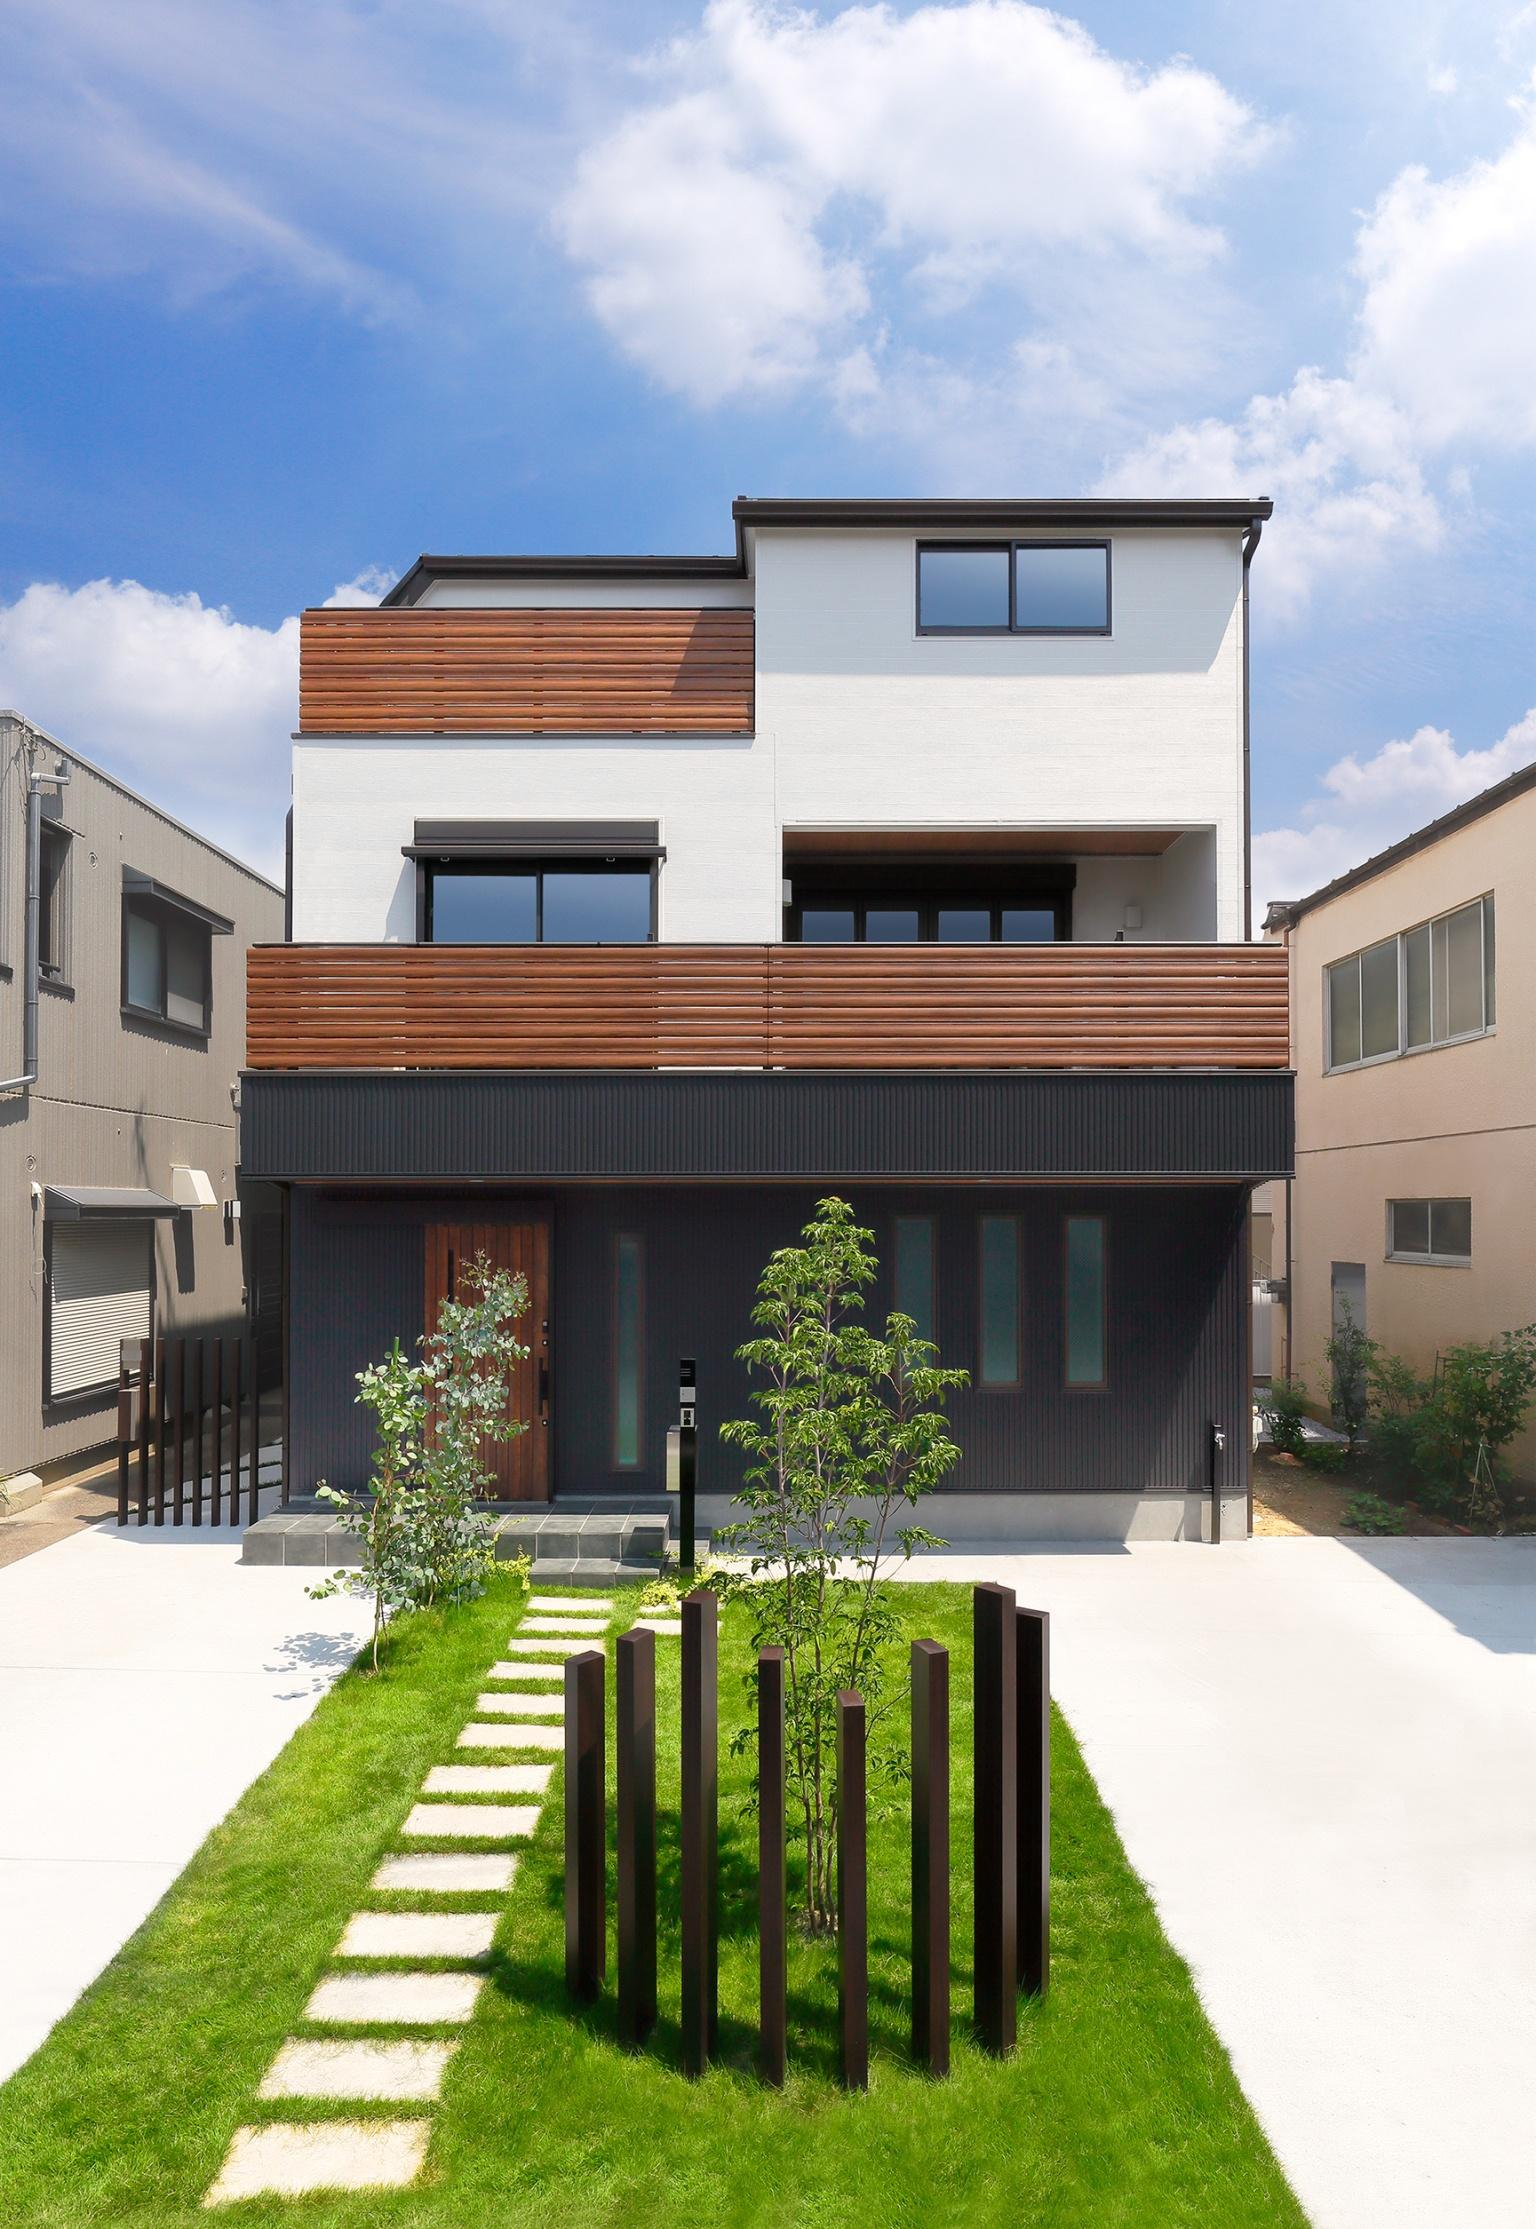 芝生と飛び石の敷かれた2階建ての家